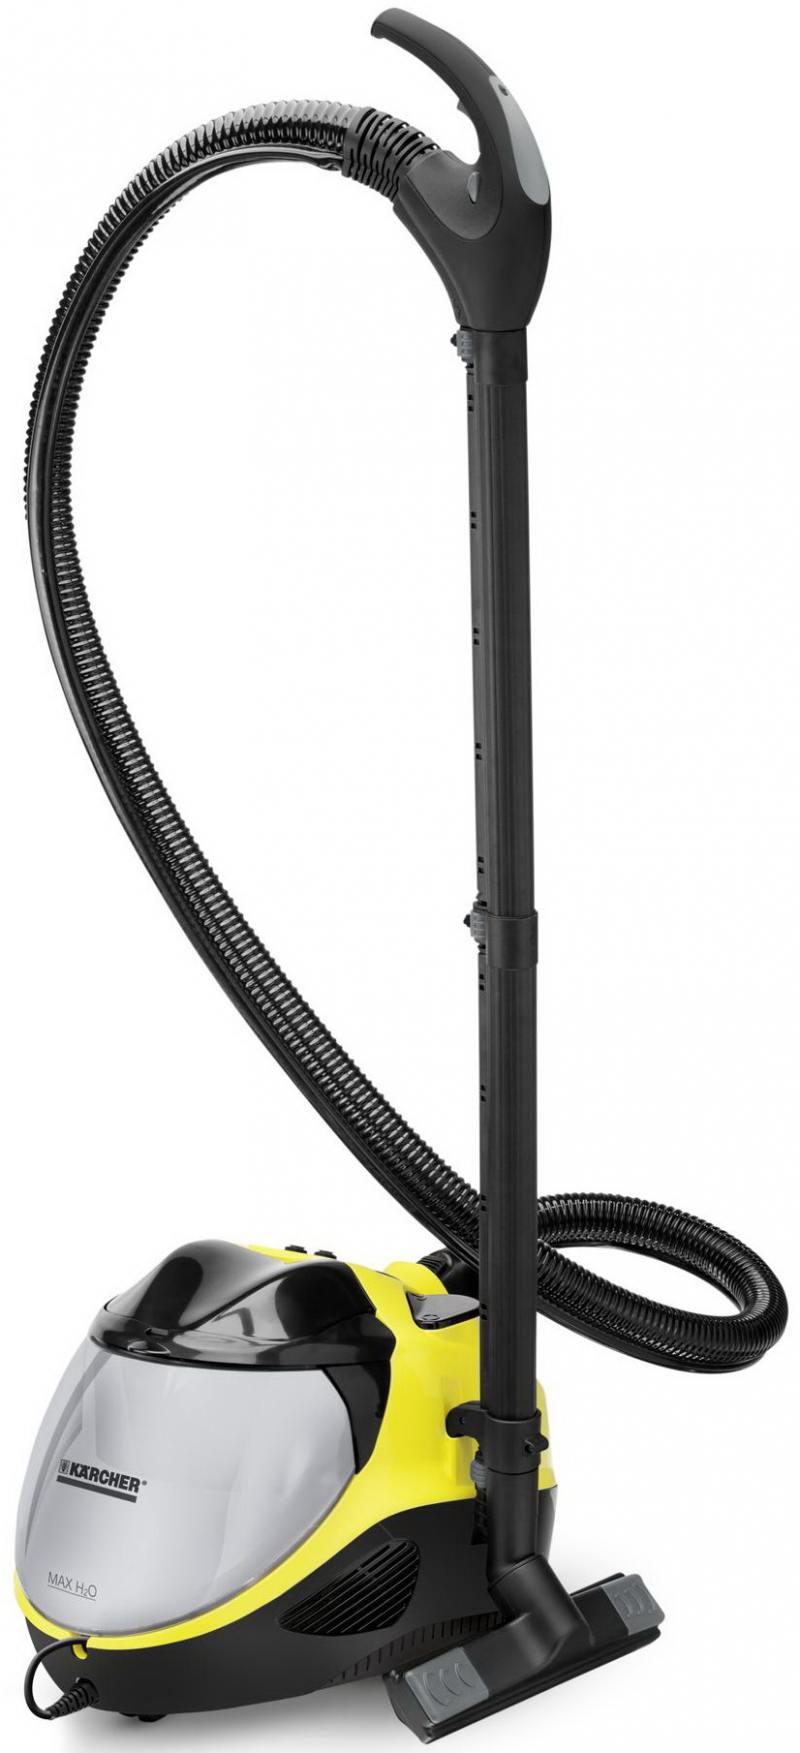 Паропылесос Karcher SV 7 EU подача пара, давление пара 4 бар, 2200Вт, регул. мощности, аквафильтр цена и фото